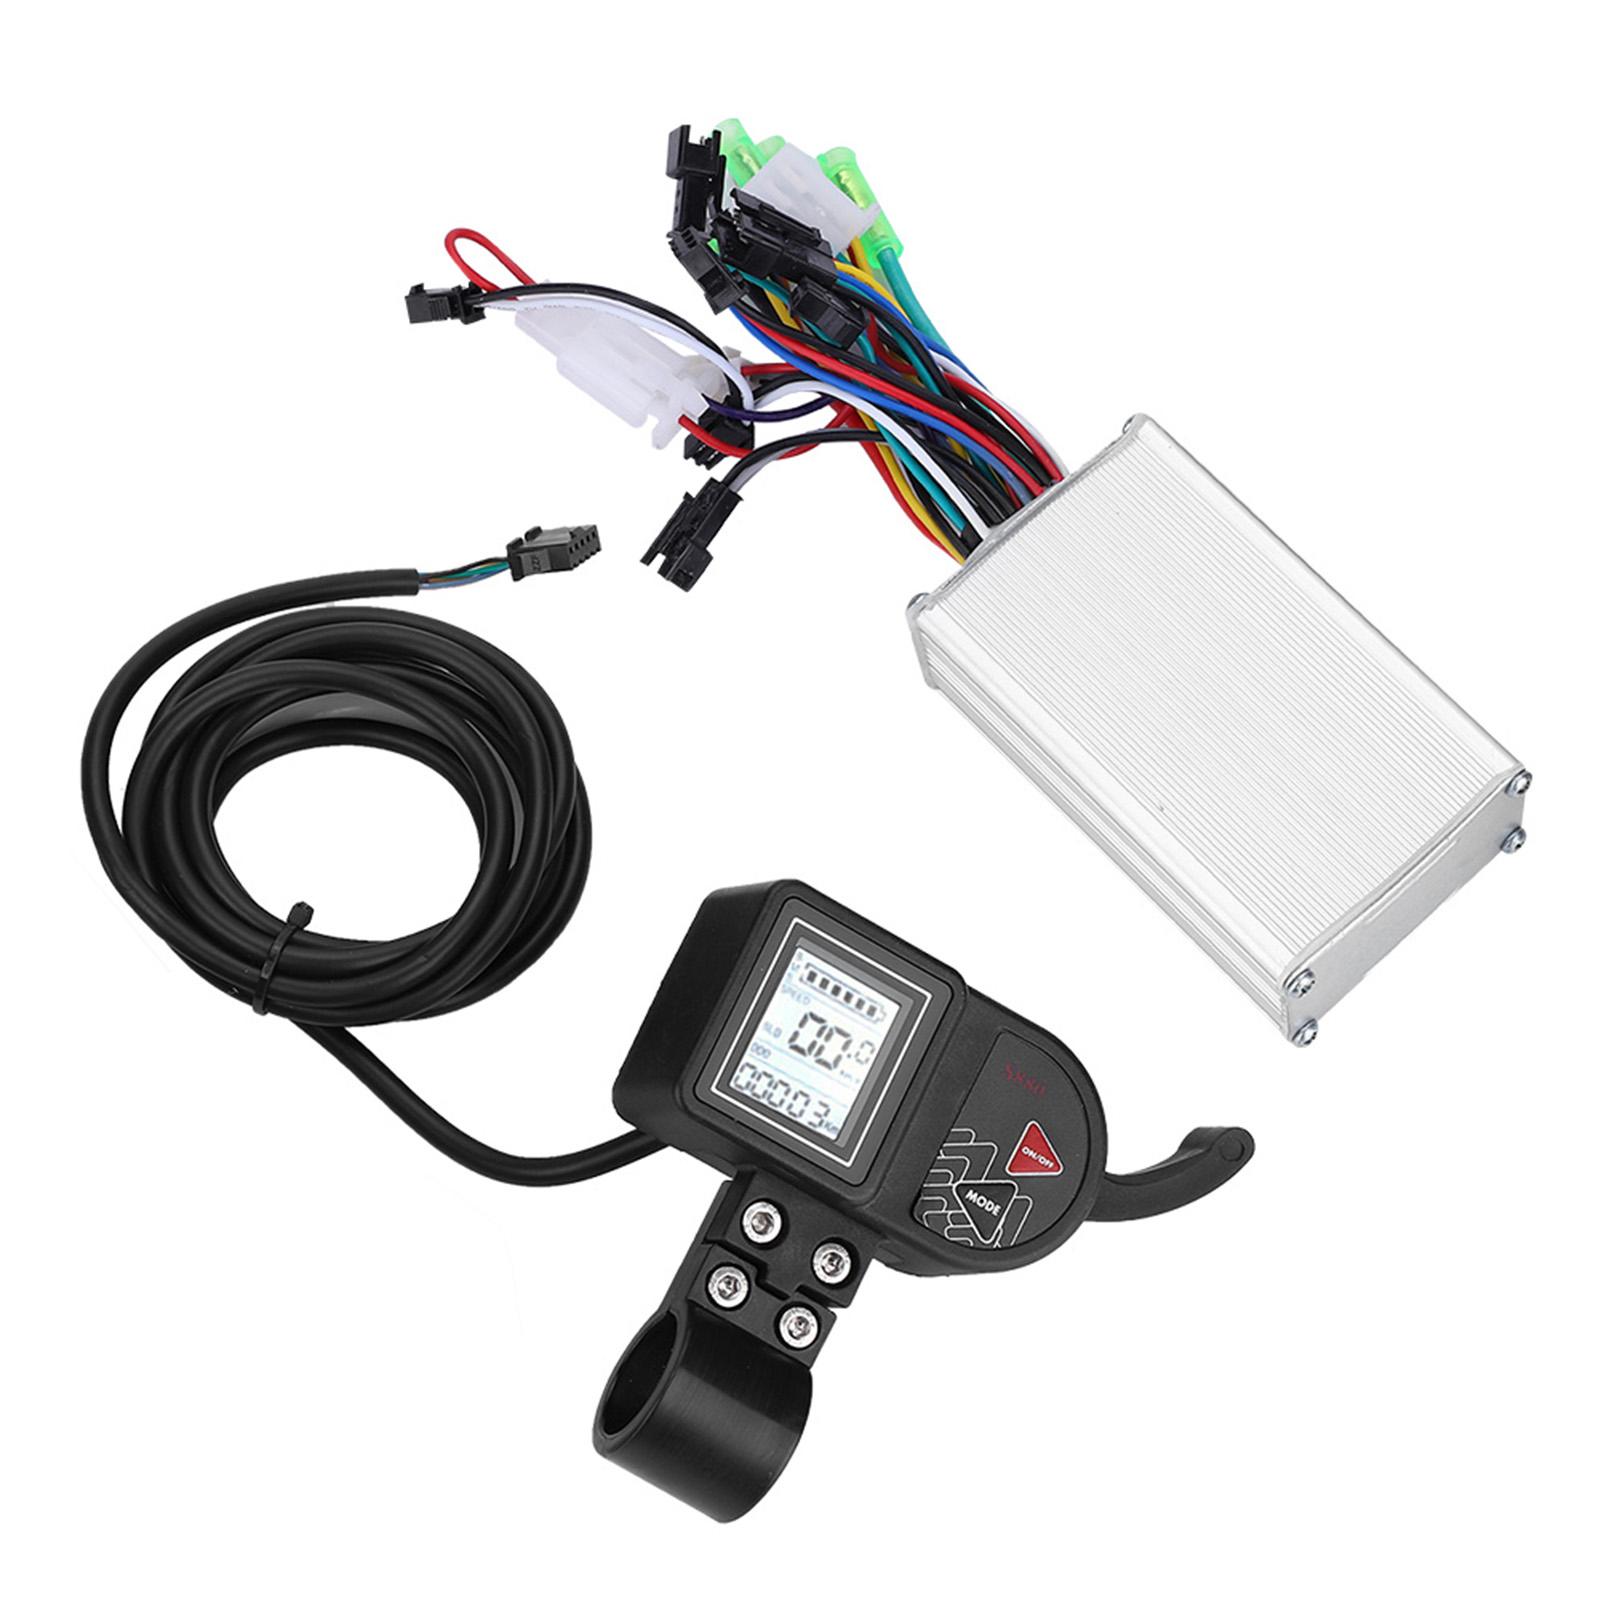 24-60V-Brushless-Motor-Controller-LCD-Panel-for-E-bike-Electric-Bike-Scooter-Kit thumbnail 33